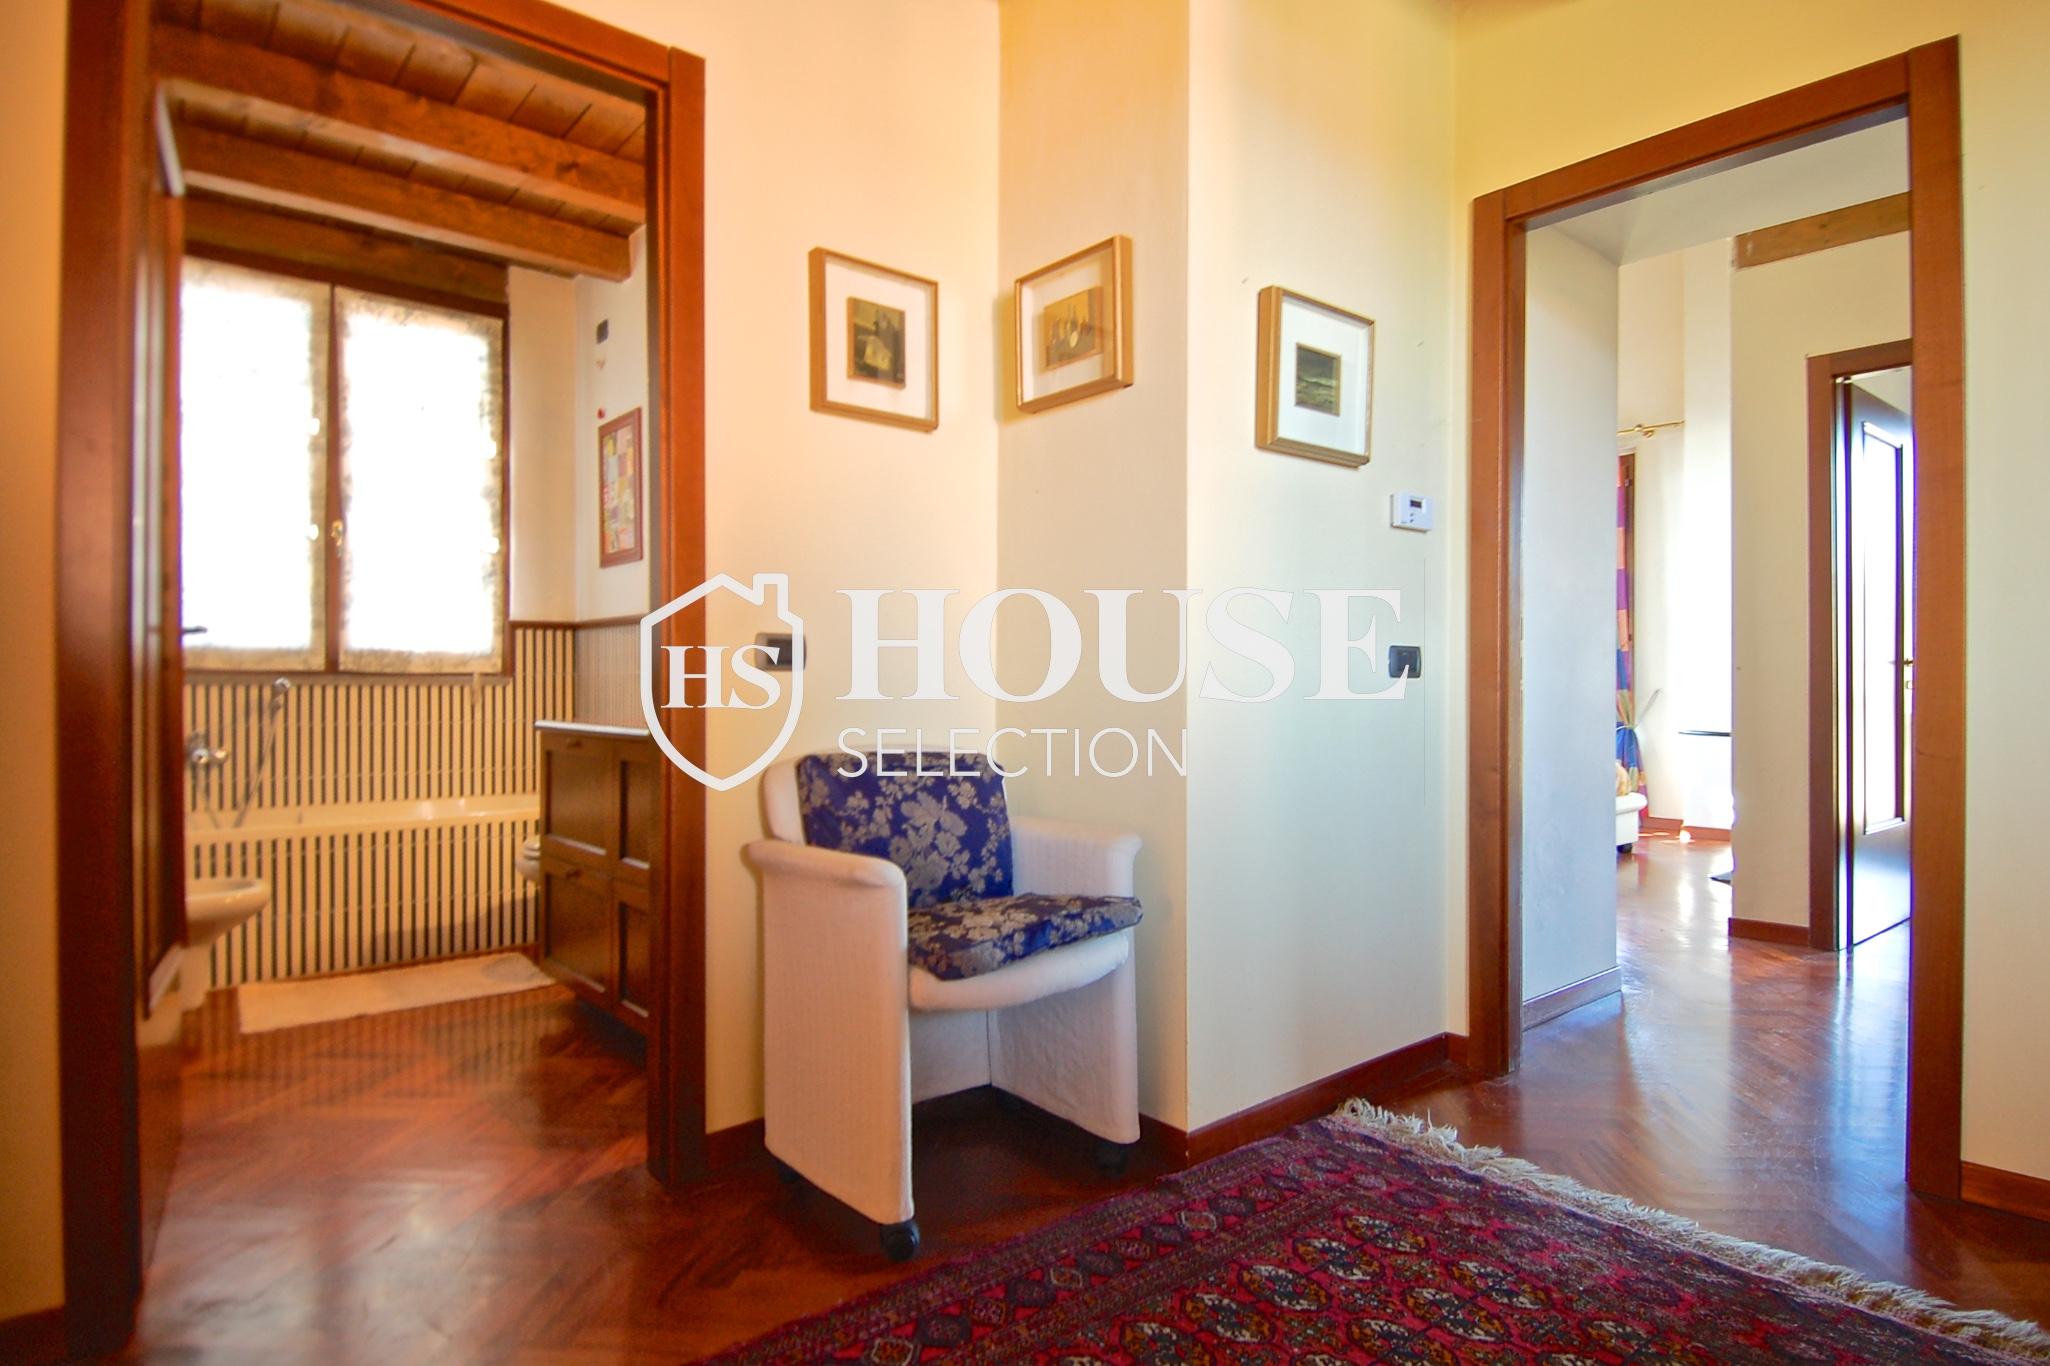 Affitto villa Basiglio, con giardino, ristrutturata, aria condizionata, corte interna, box auto, Milano 11